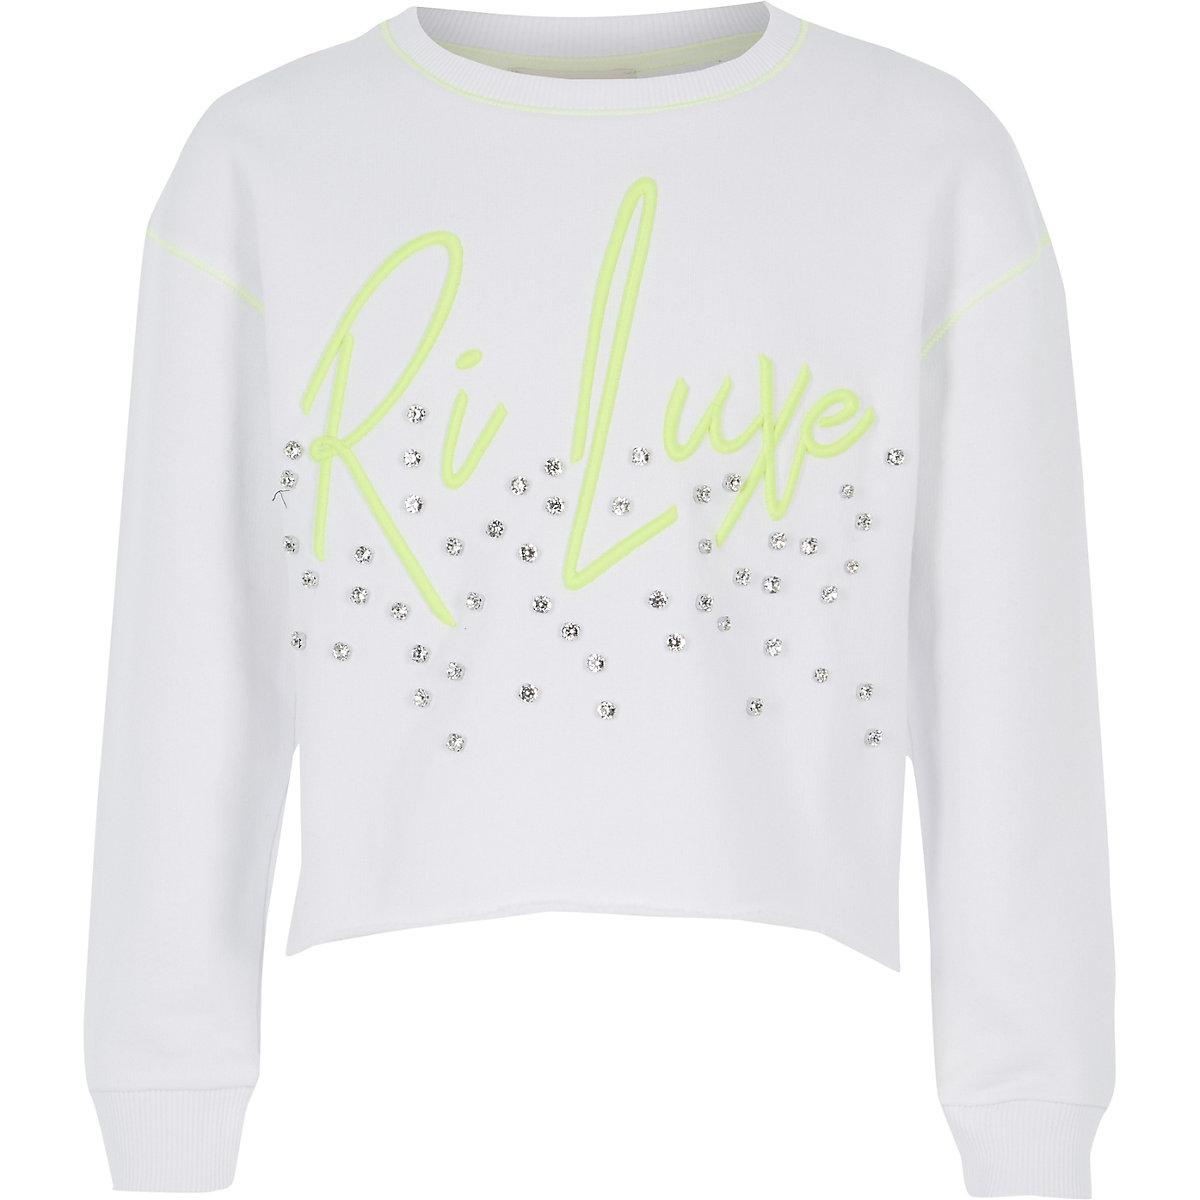 Girls RI Active white rhinestone sweatshirt